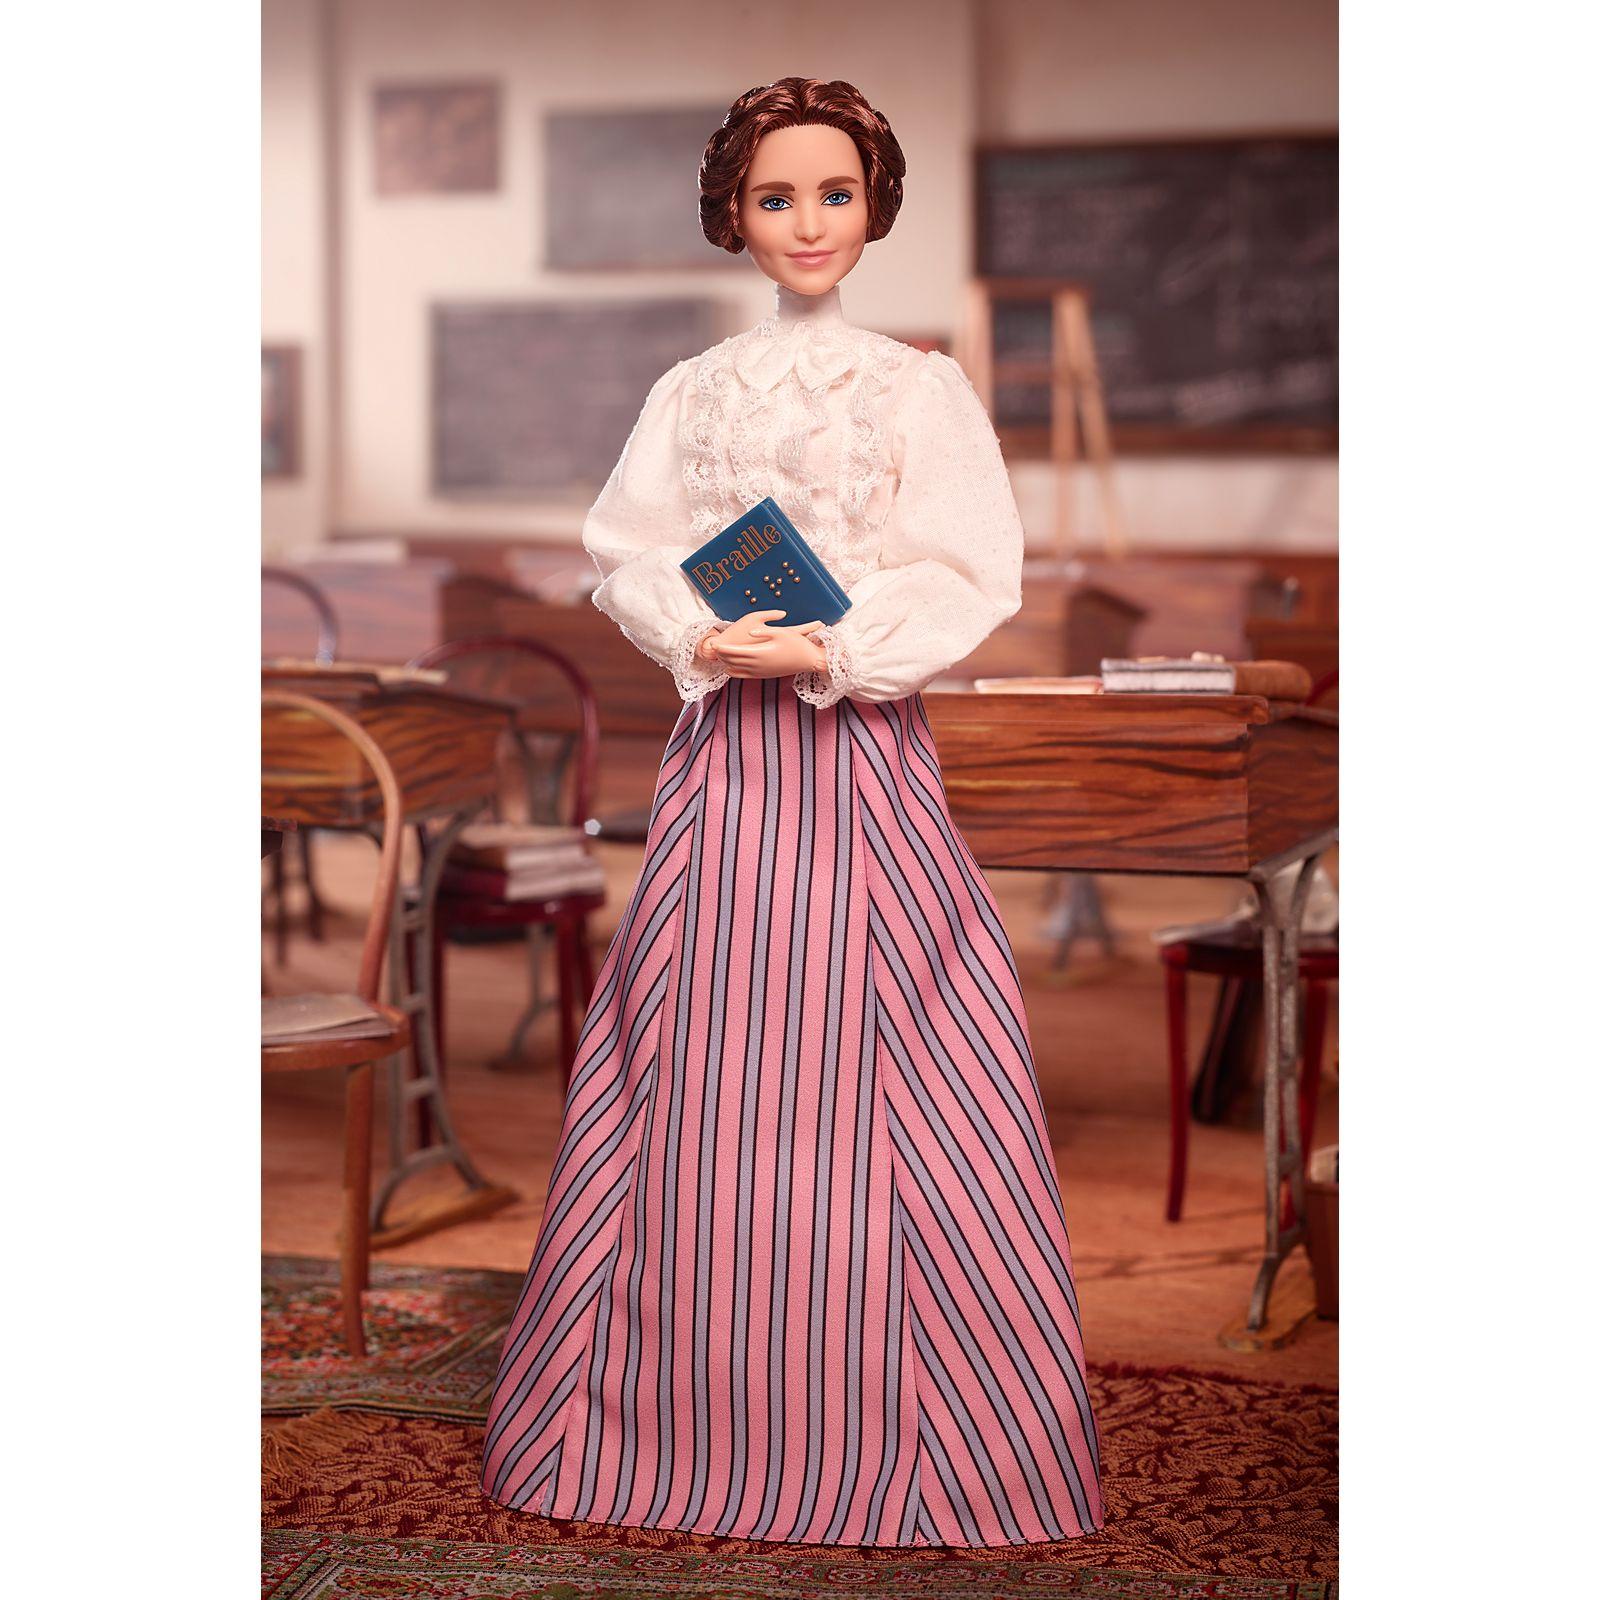 Helen Kellerről alkotott Barbie